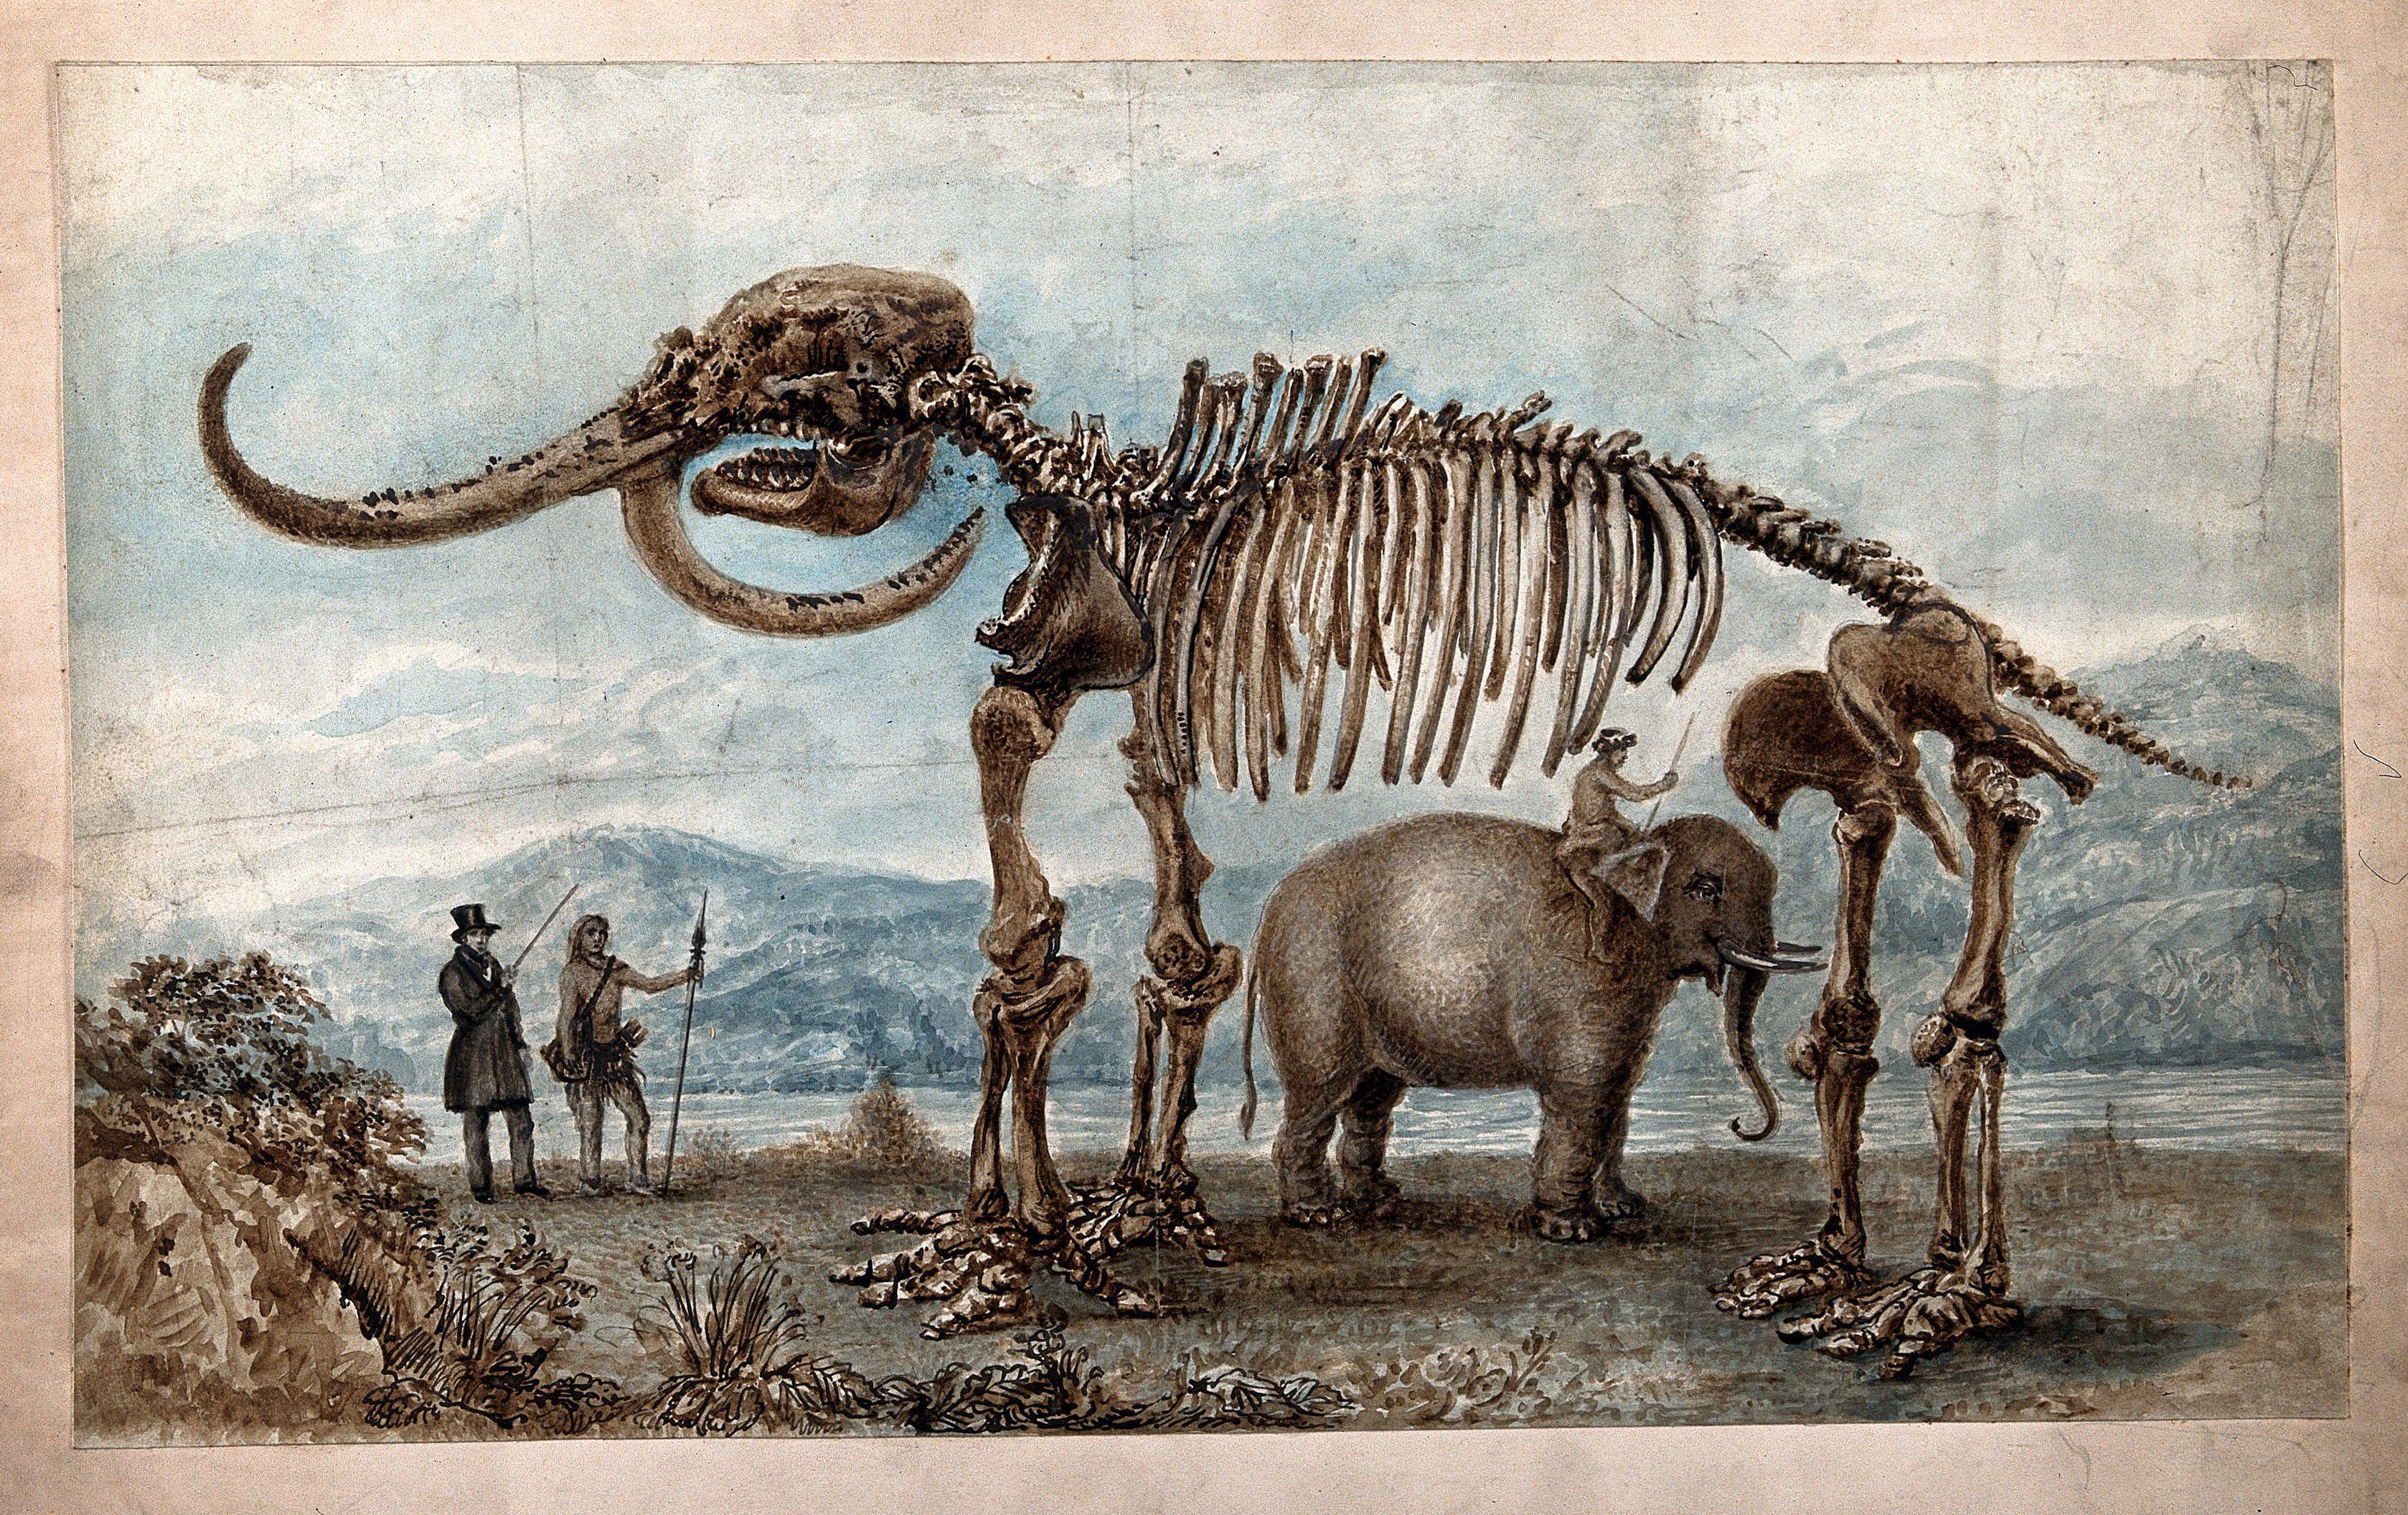 Skeleton of the Missouri Leviathan: the skeleton is shown